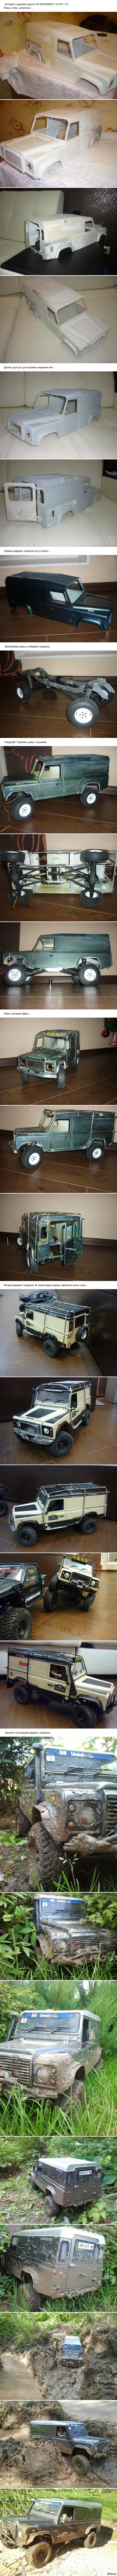 История создания одной модели 1к10 (ex. rc4x4) В итоге модель поехала. При постройке были использованы детали от axial, rc4wd, кузов и рама сделаны руками. В итоге модель поехала.